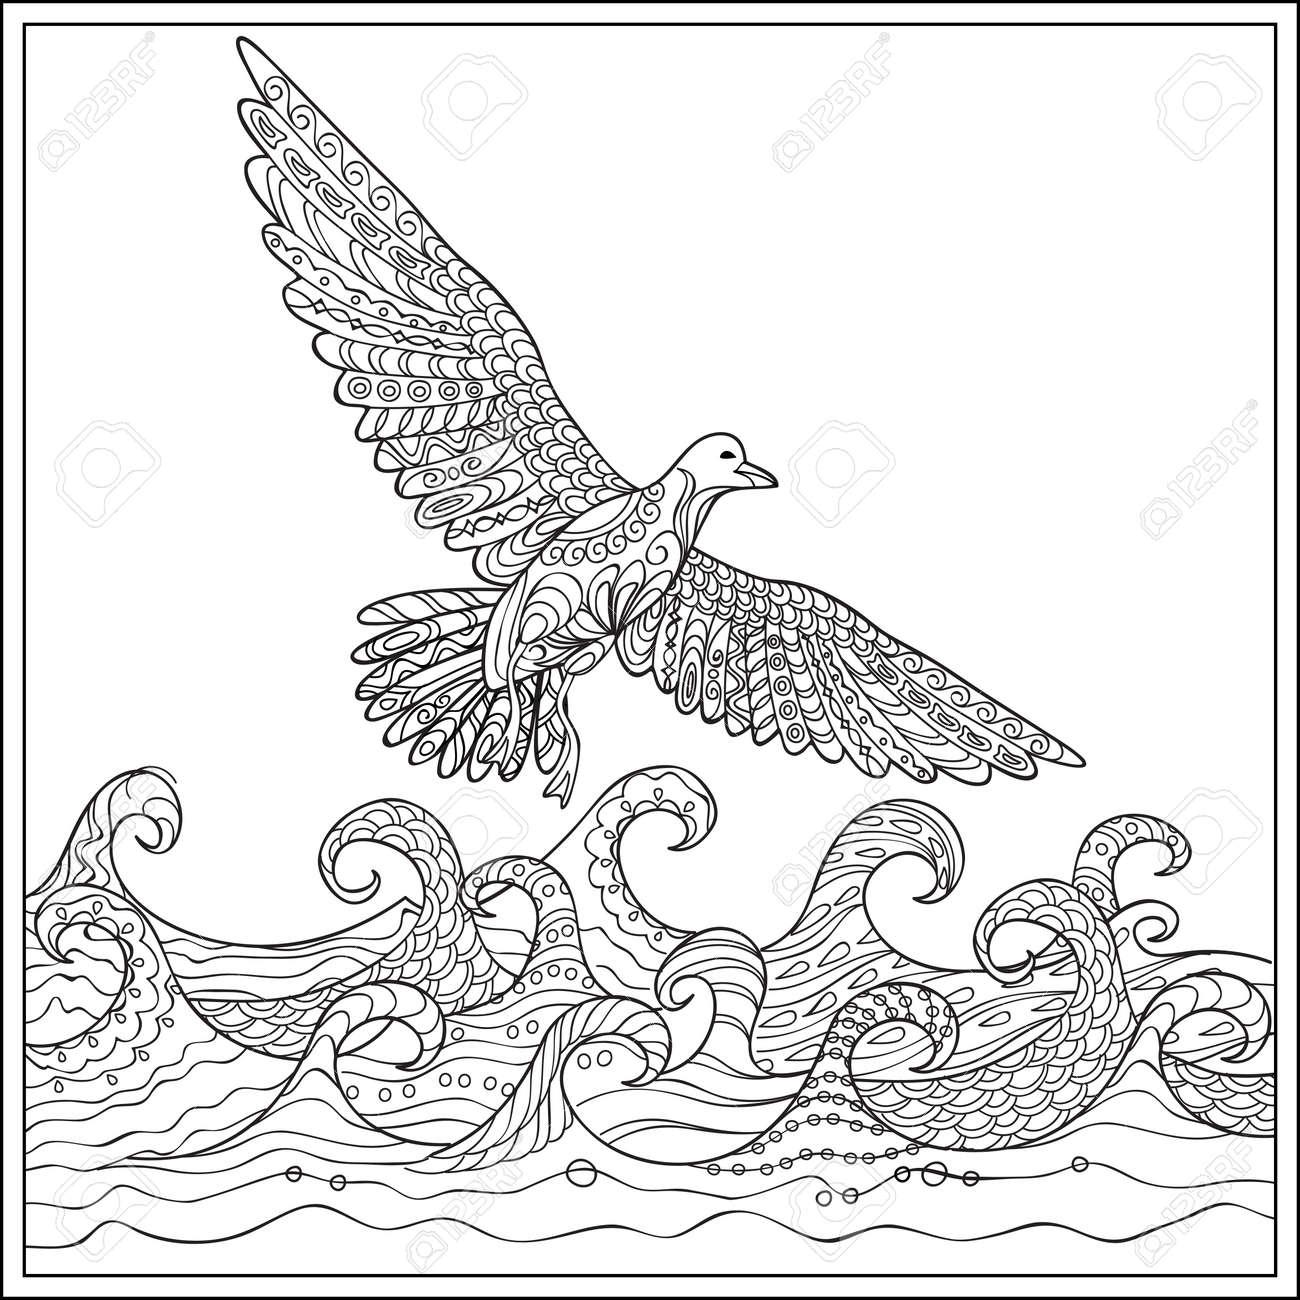 Dibujado A Mano Decoradas Gaviota Sobre El Océano Con Olas. Imagen ...